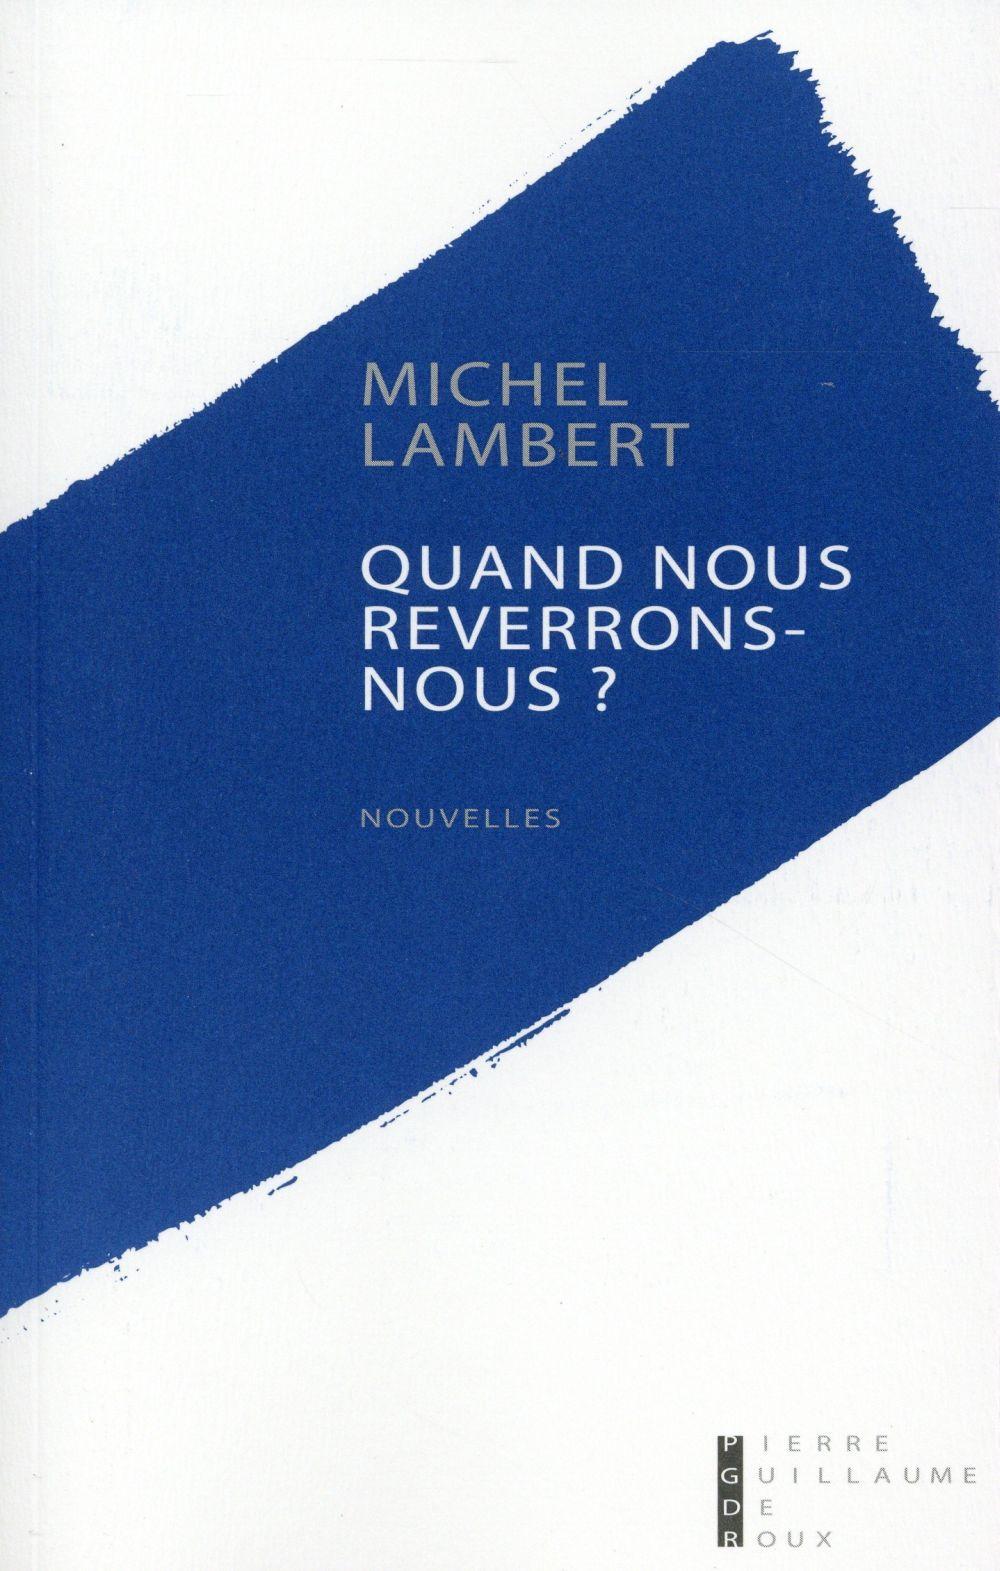 QUAND NOUS REVERRONS NOUS